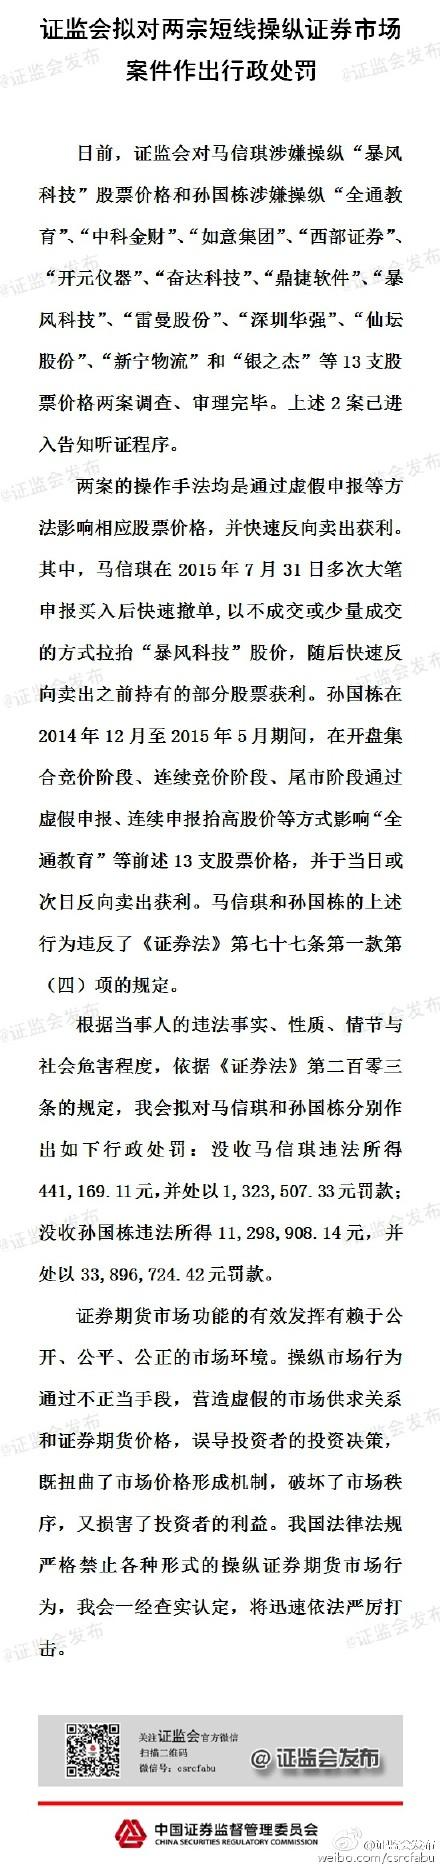 中新网9月11日电 据证监会官方微博消息,证监会新闻发言人今日在例行新闻发布会上表示,拟对两起短线操纵案进行处罚,涉及全通教育、暴风科技等13只个股。